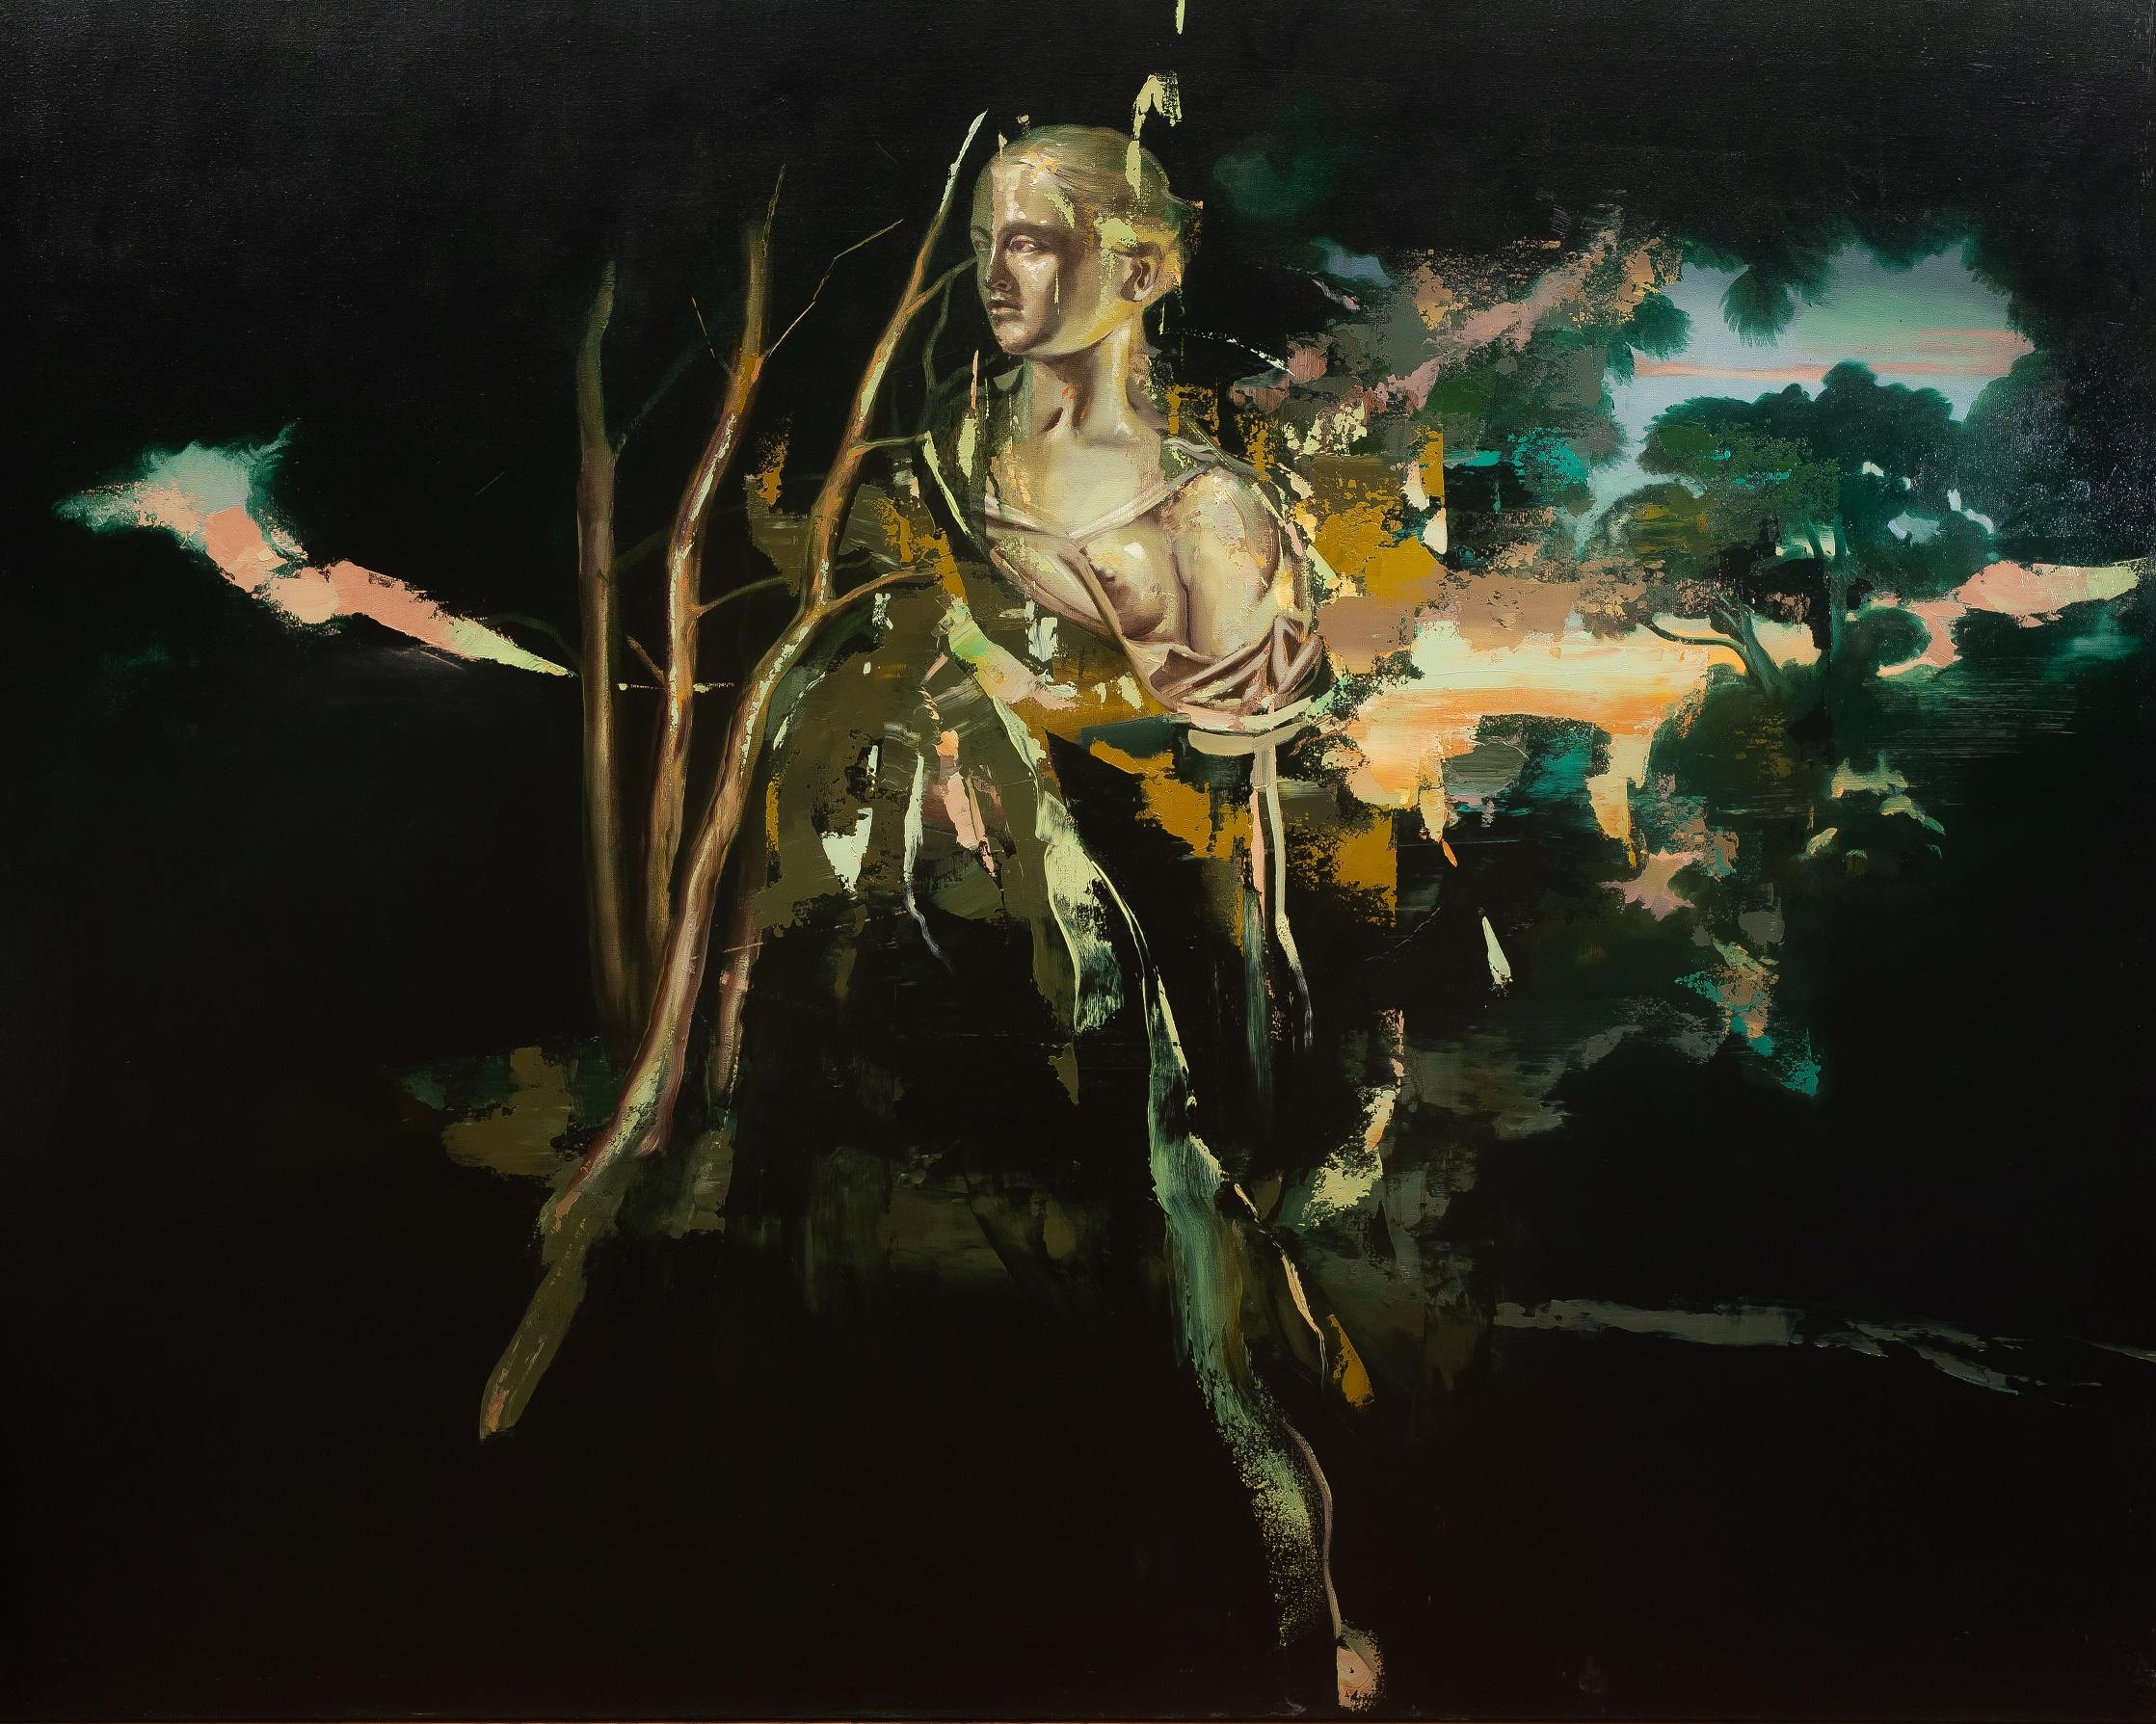 Jan Szczepkowski | Selene, 2020